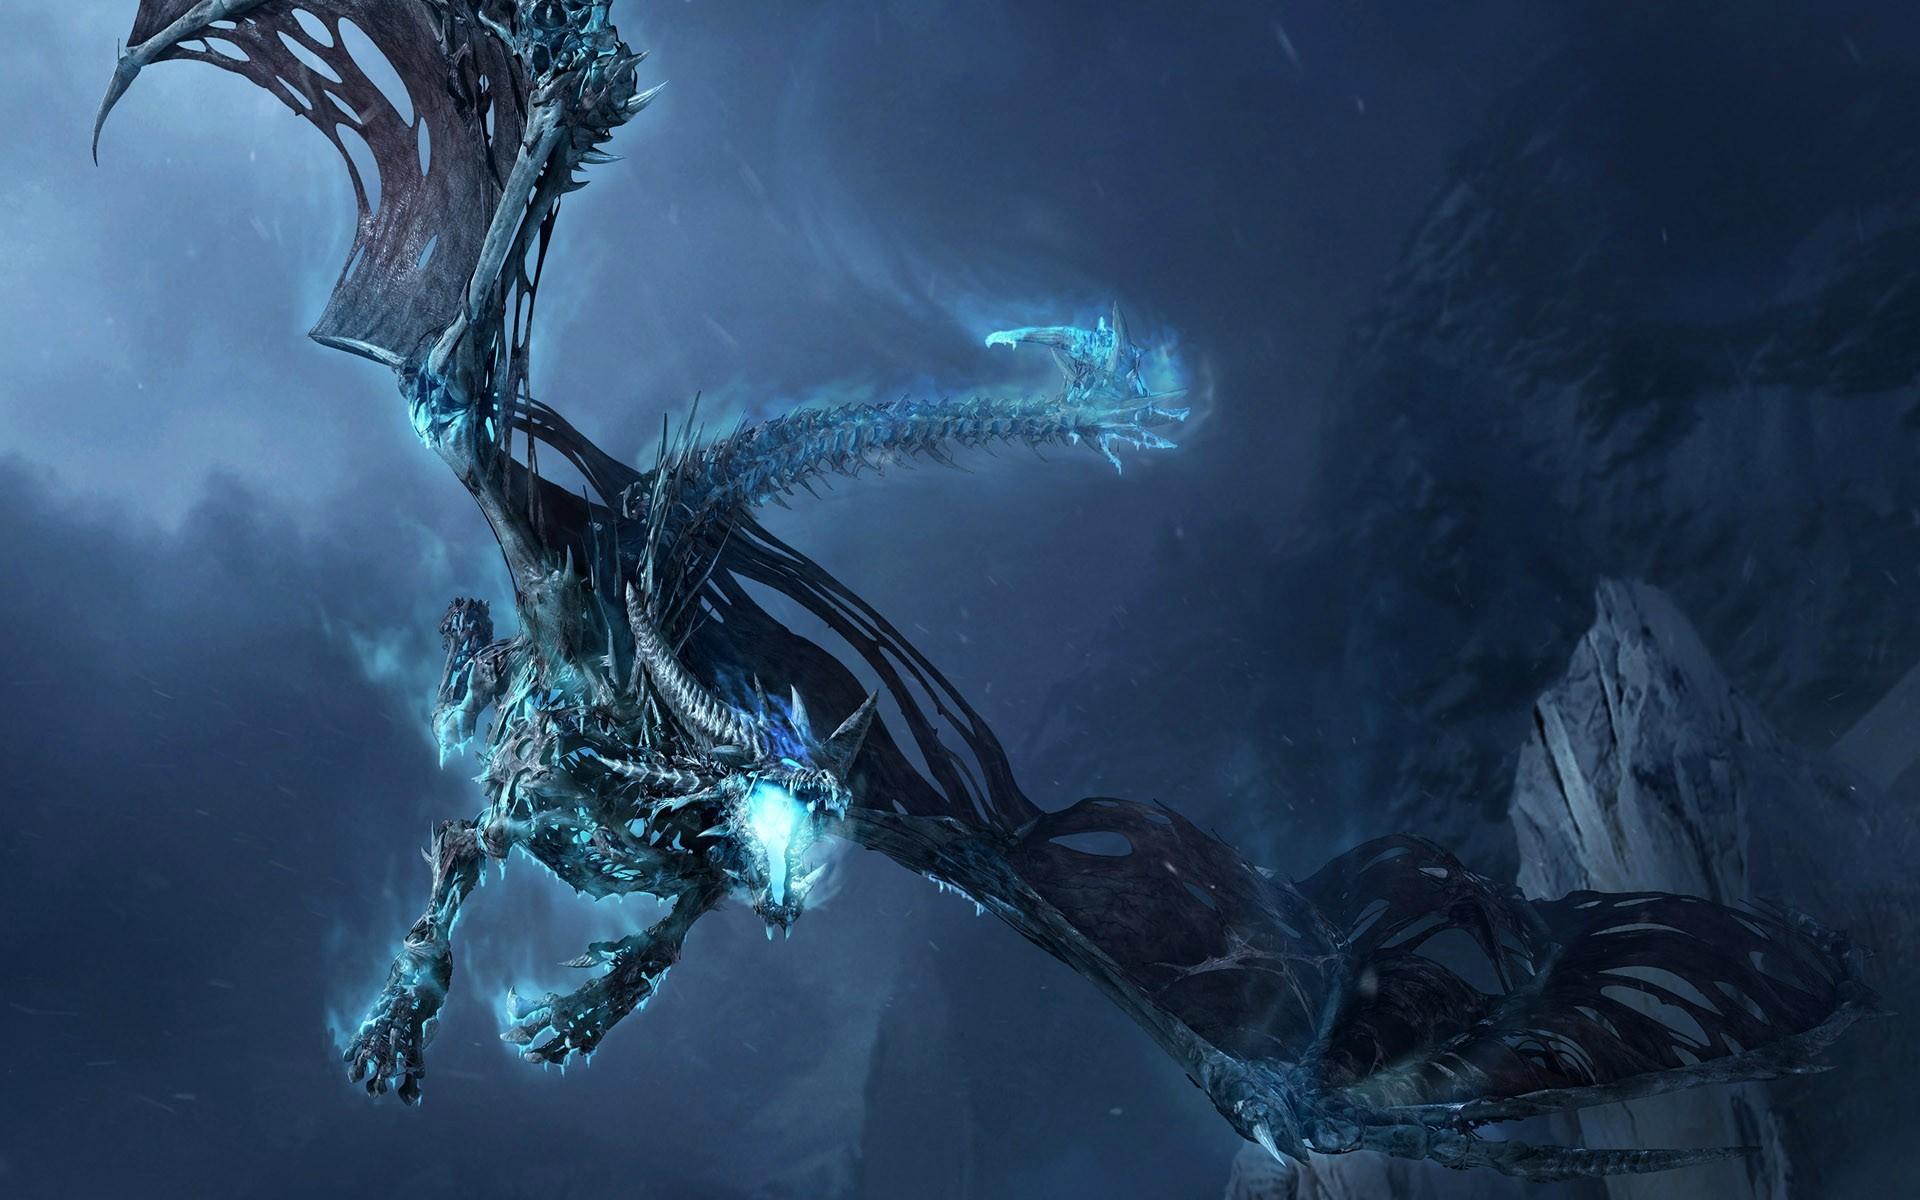 Gaming Sci-Fi Fantasy wallpaper dump